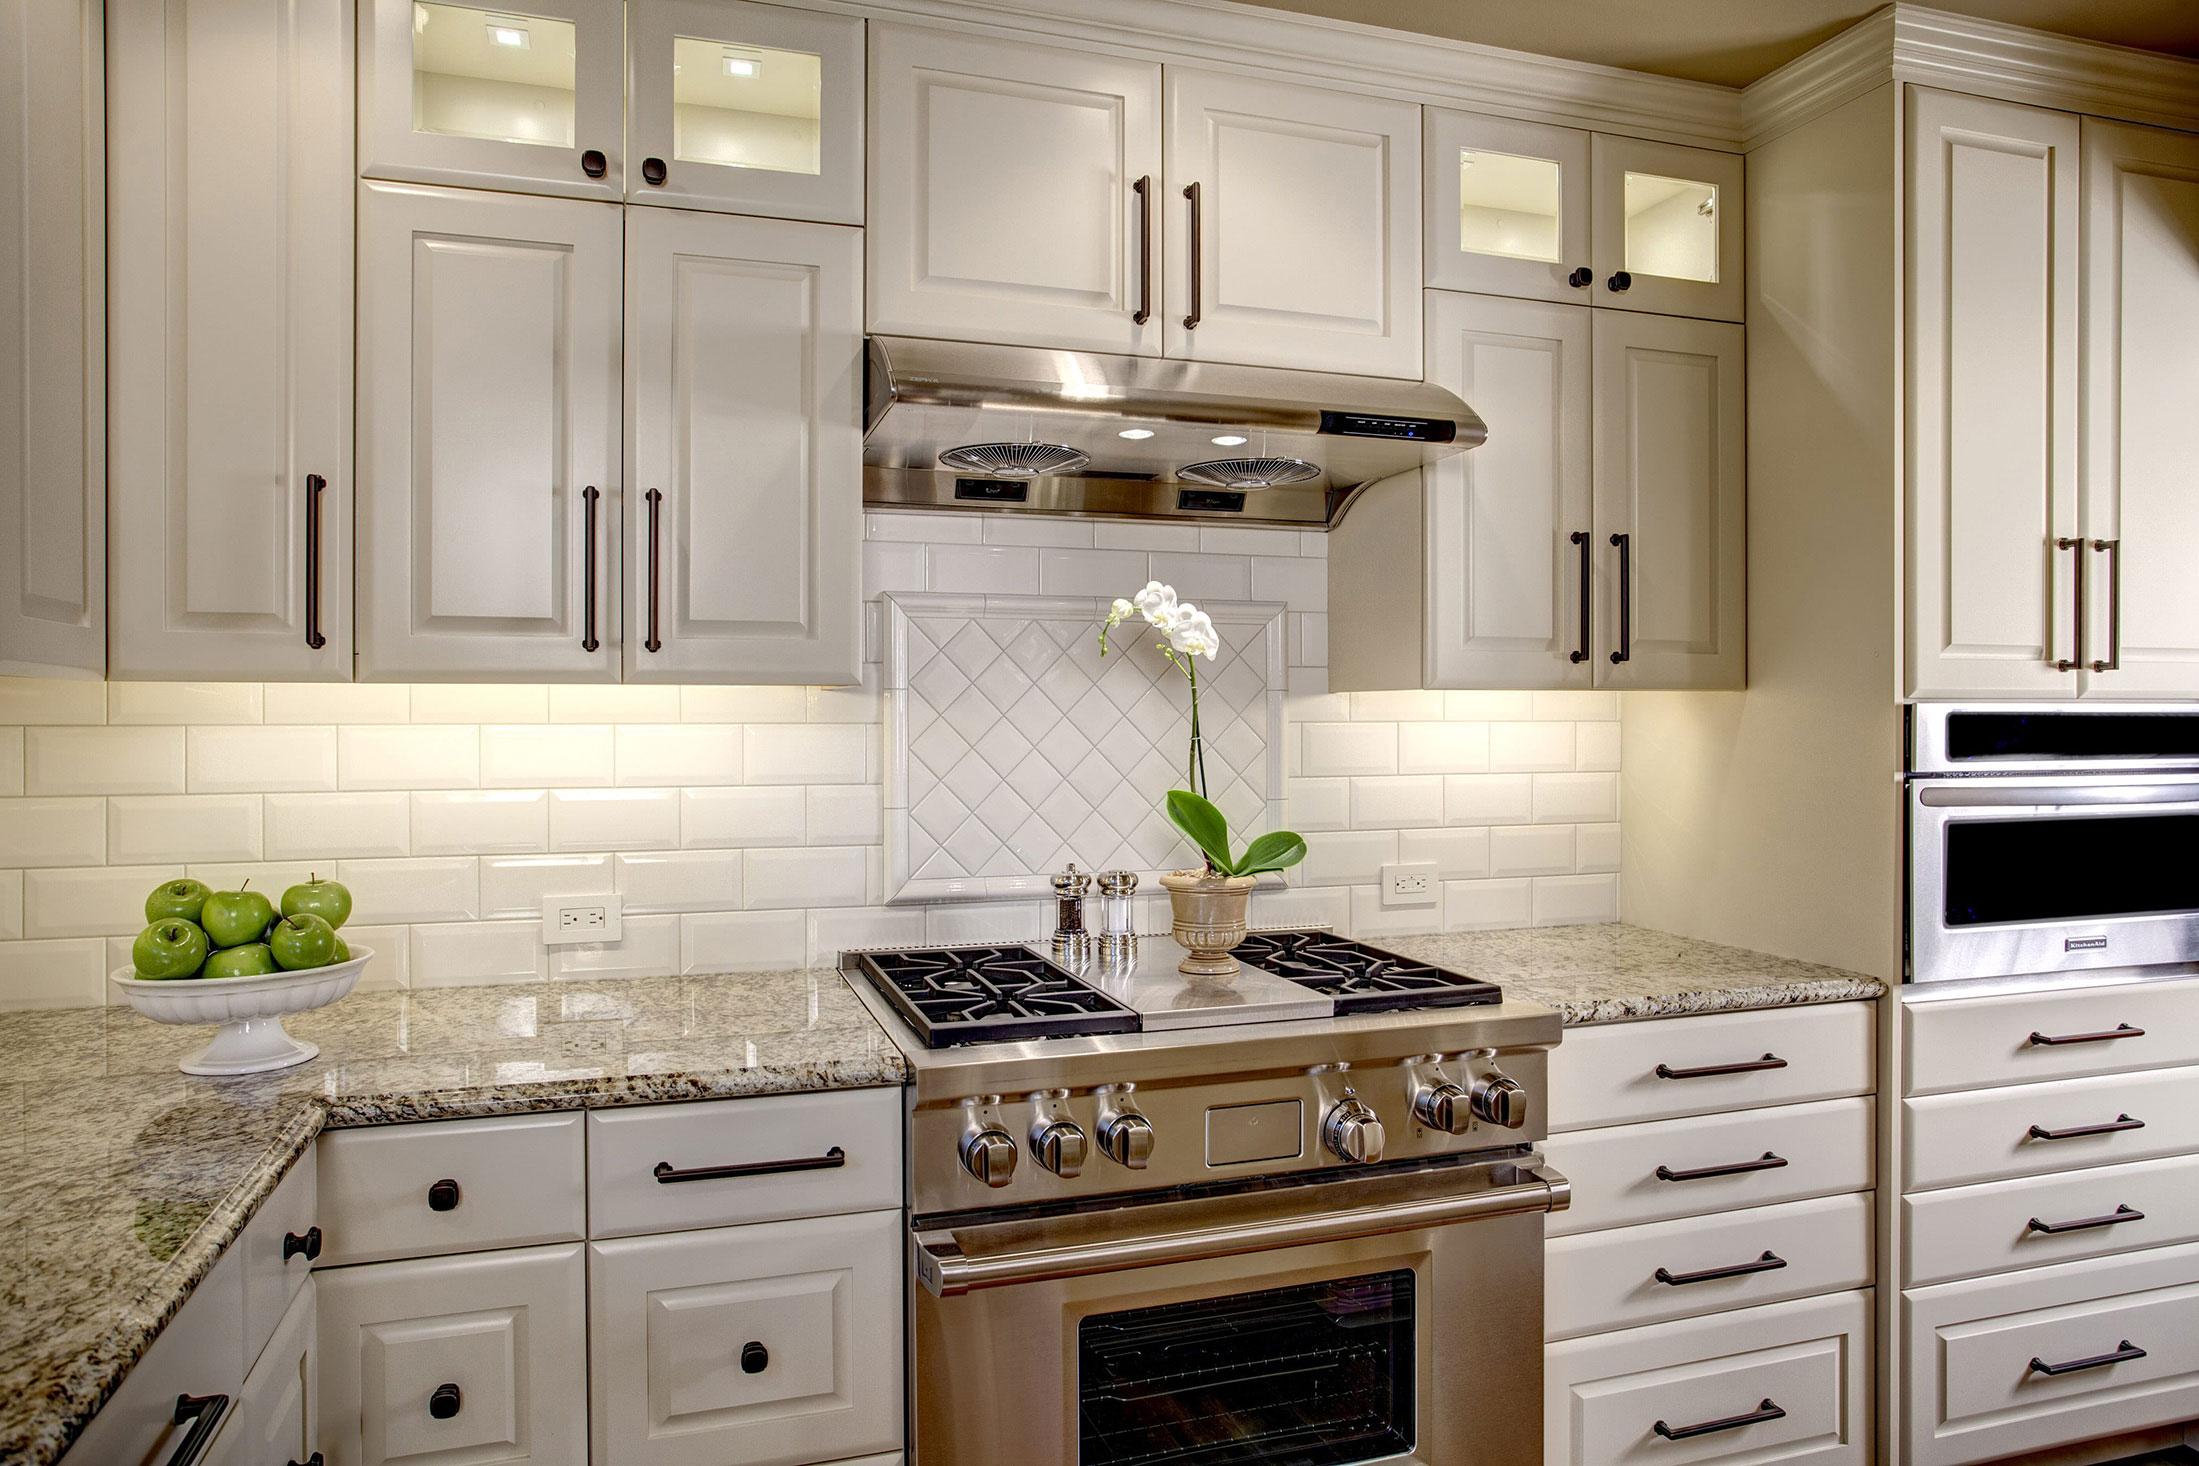 Kitchen02-min_7